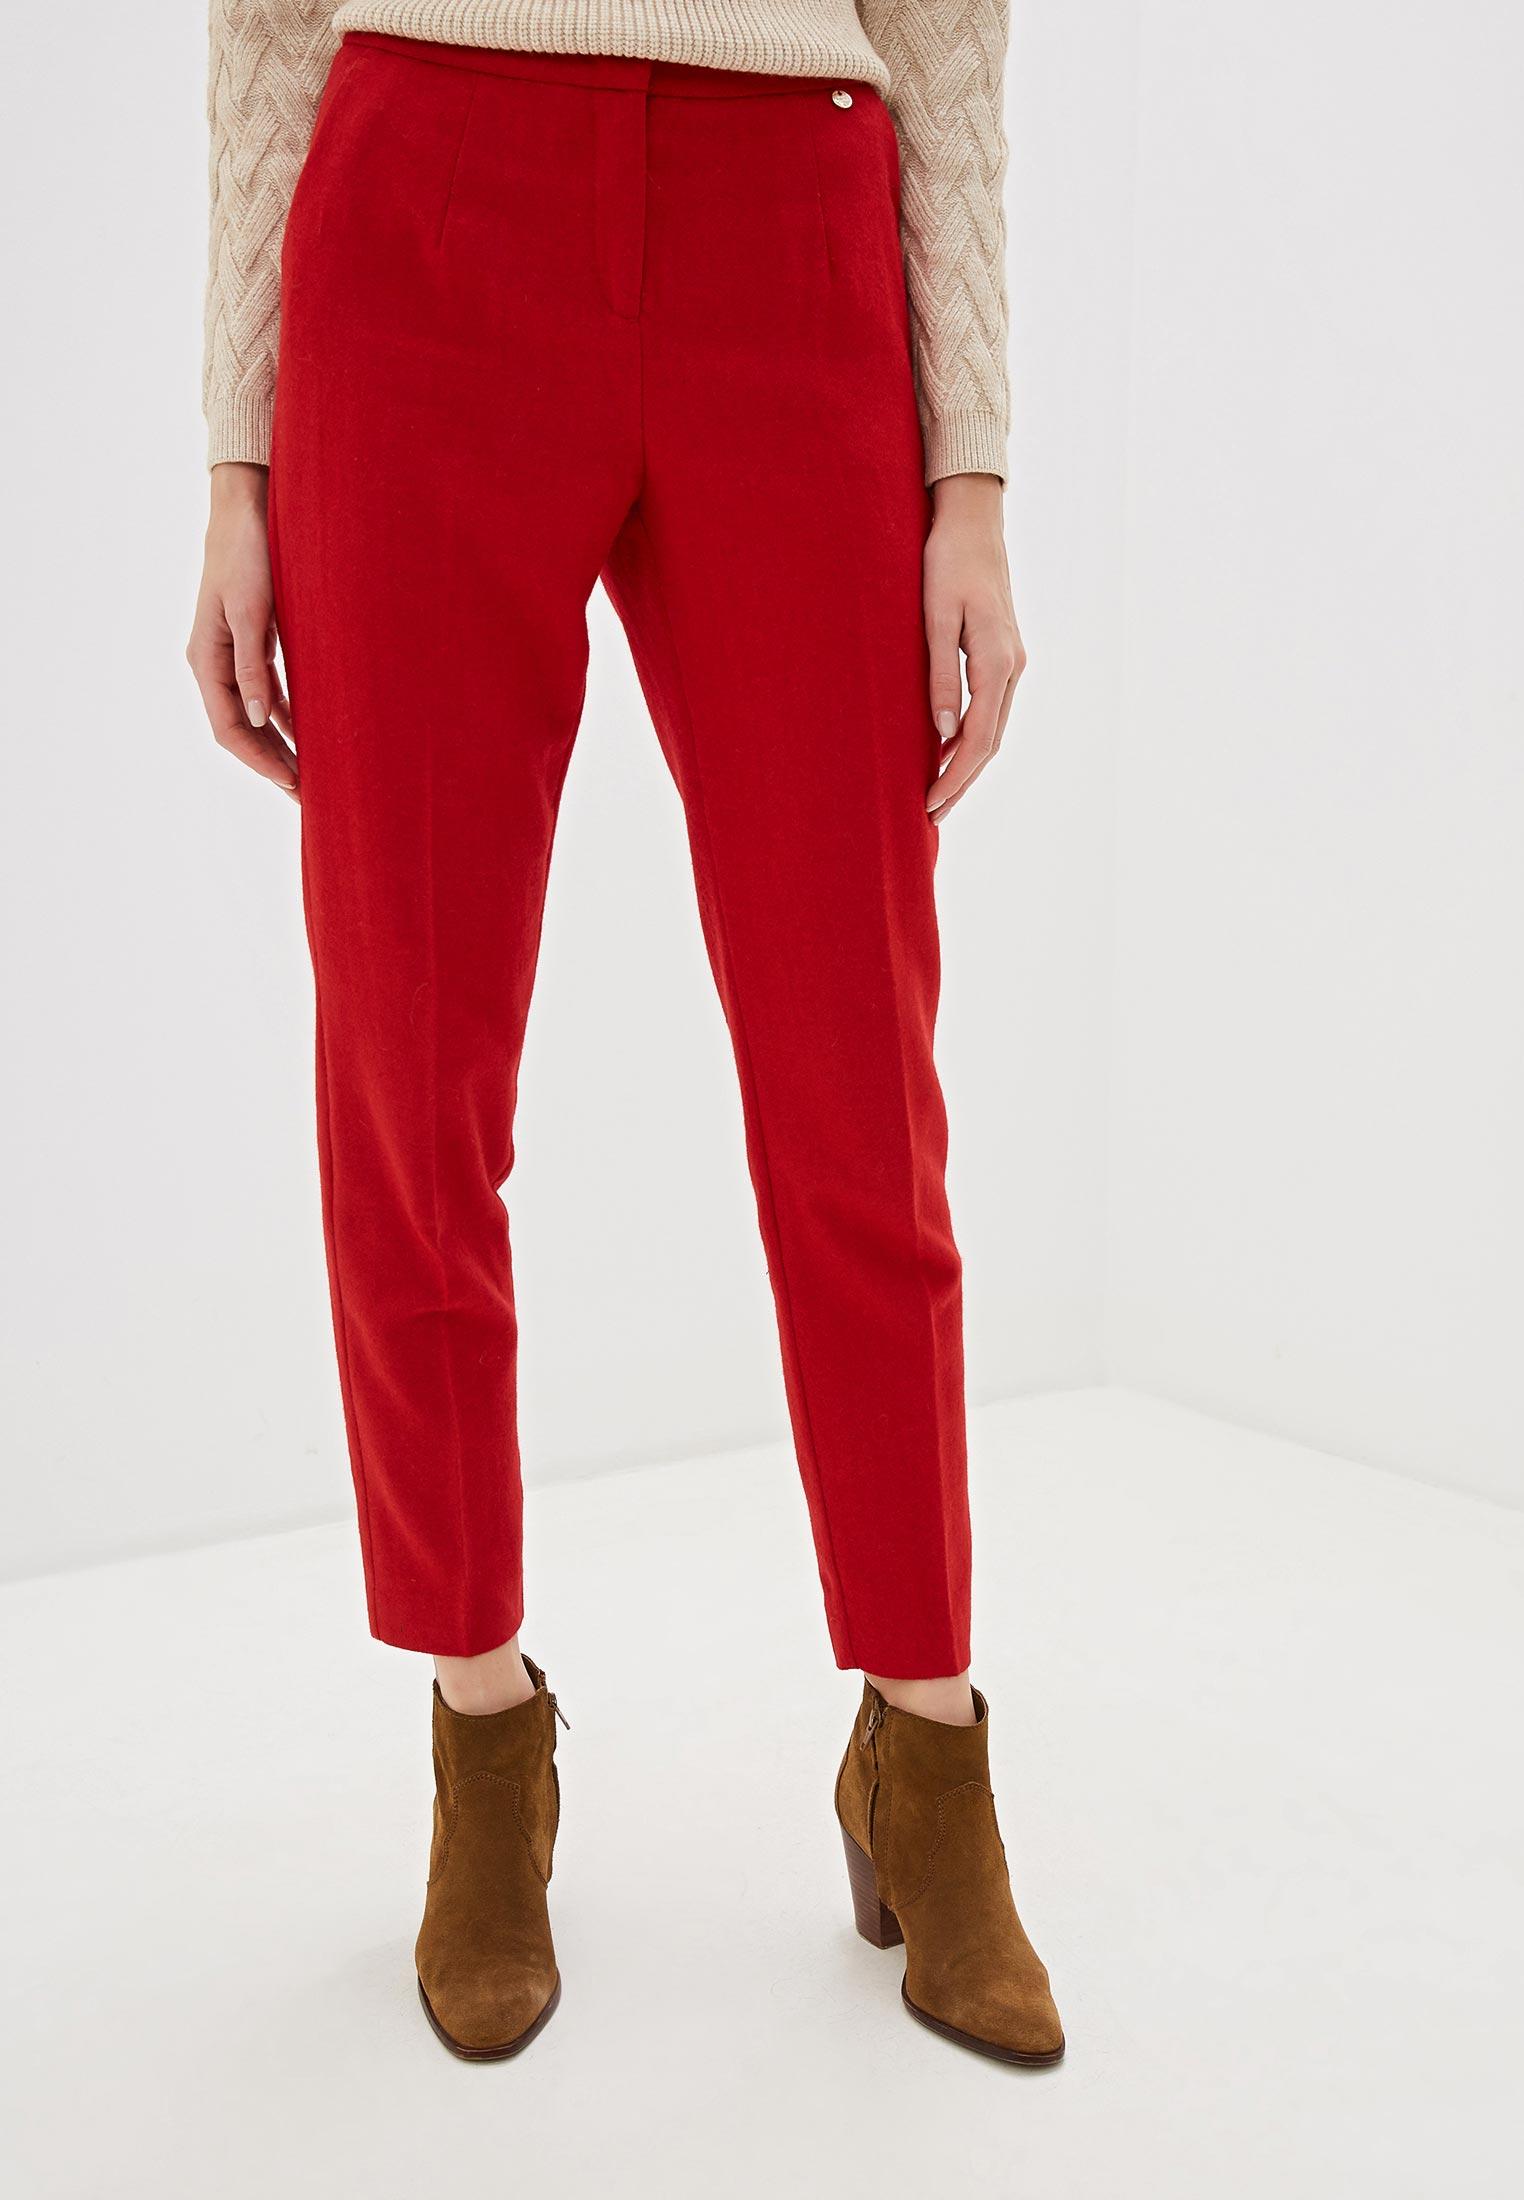 малое делалось красные брюки женские фото для баров